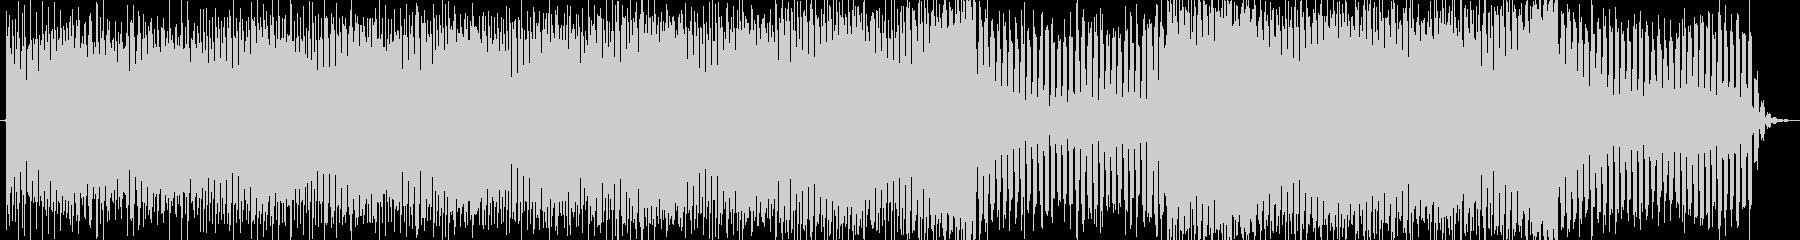 近未来感のあるコードのハウスBGMの未再生の波形